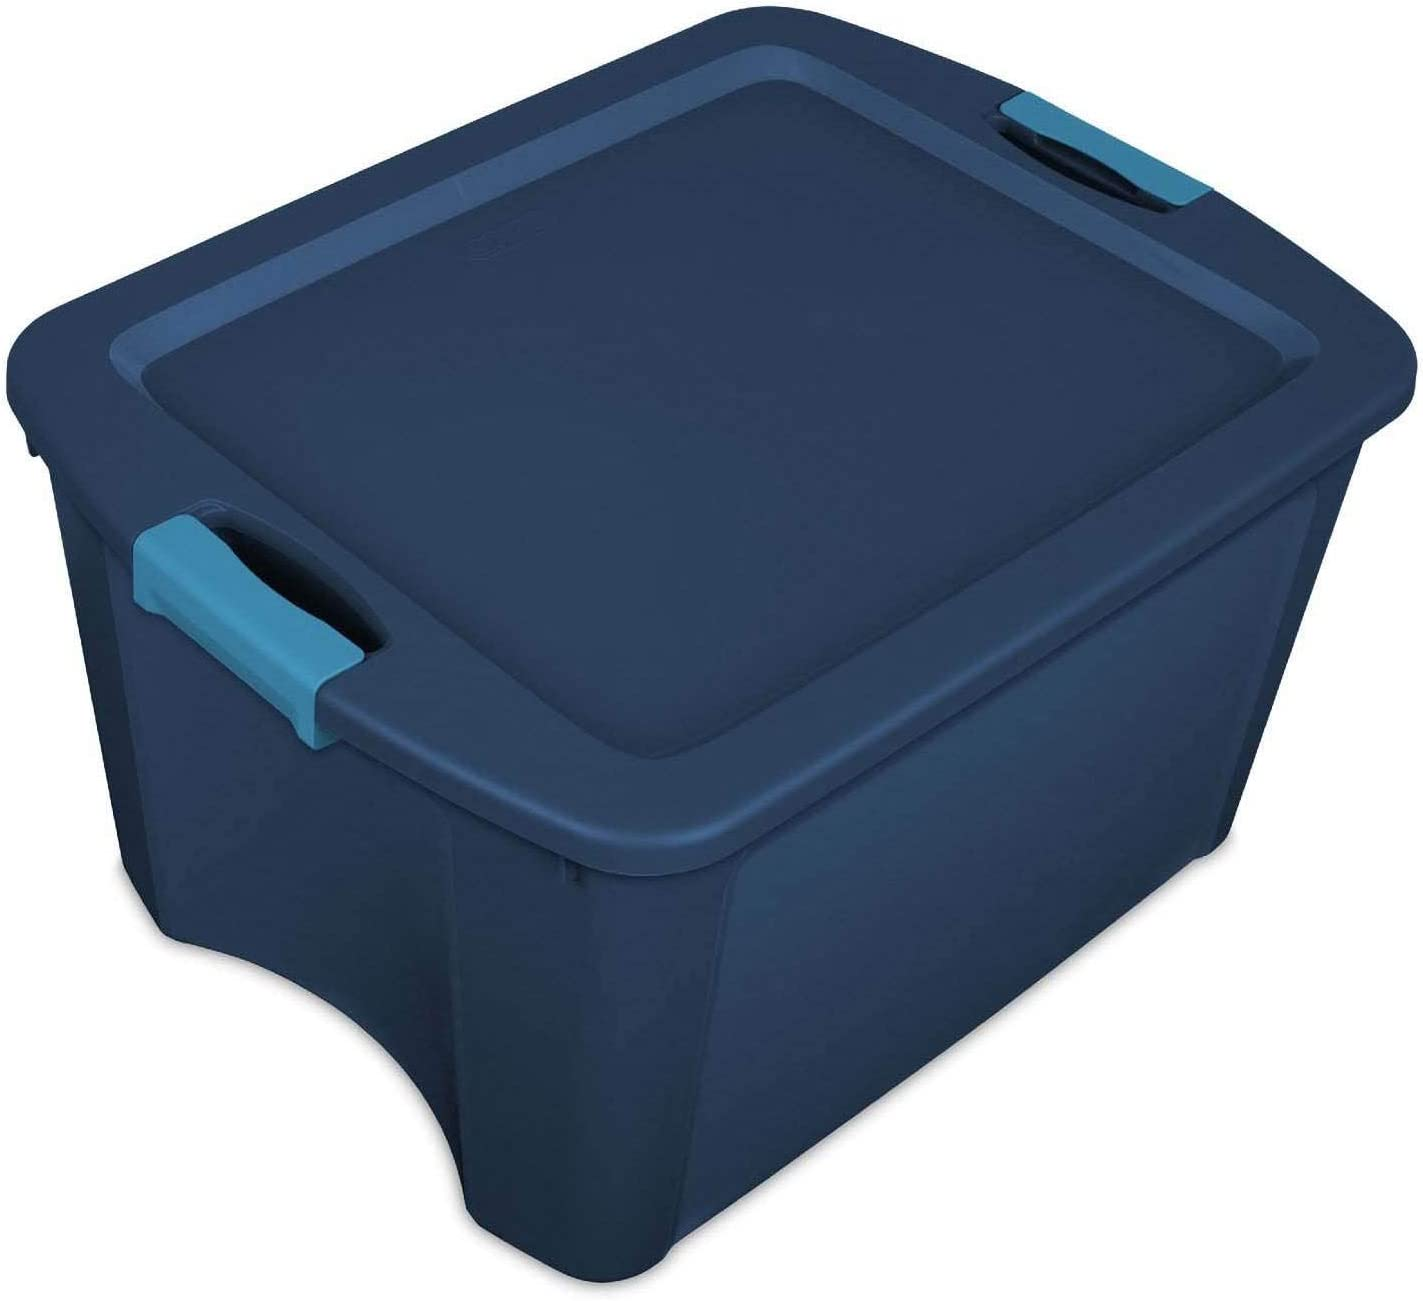 Sterilite 1446740618 Gallon Department store Latch Ranking TOP4 and Tote Box Con Carry Storage